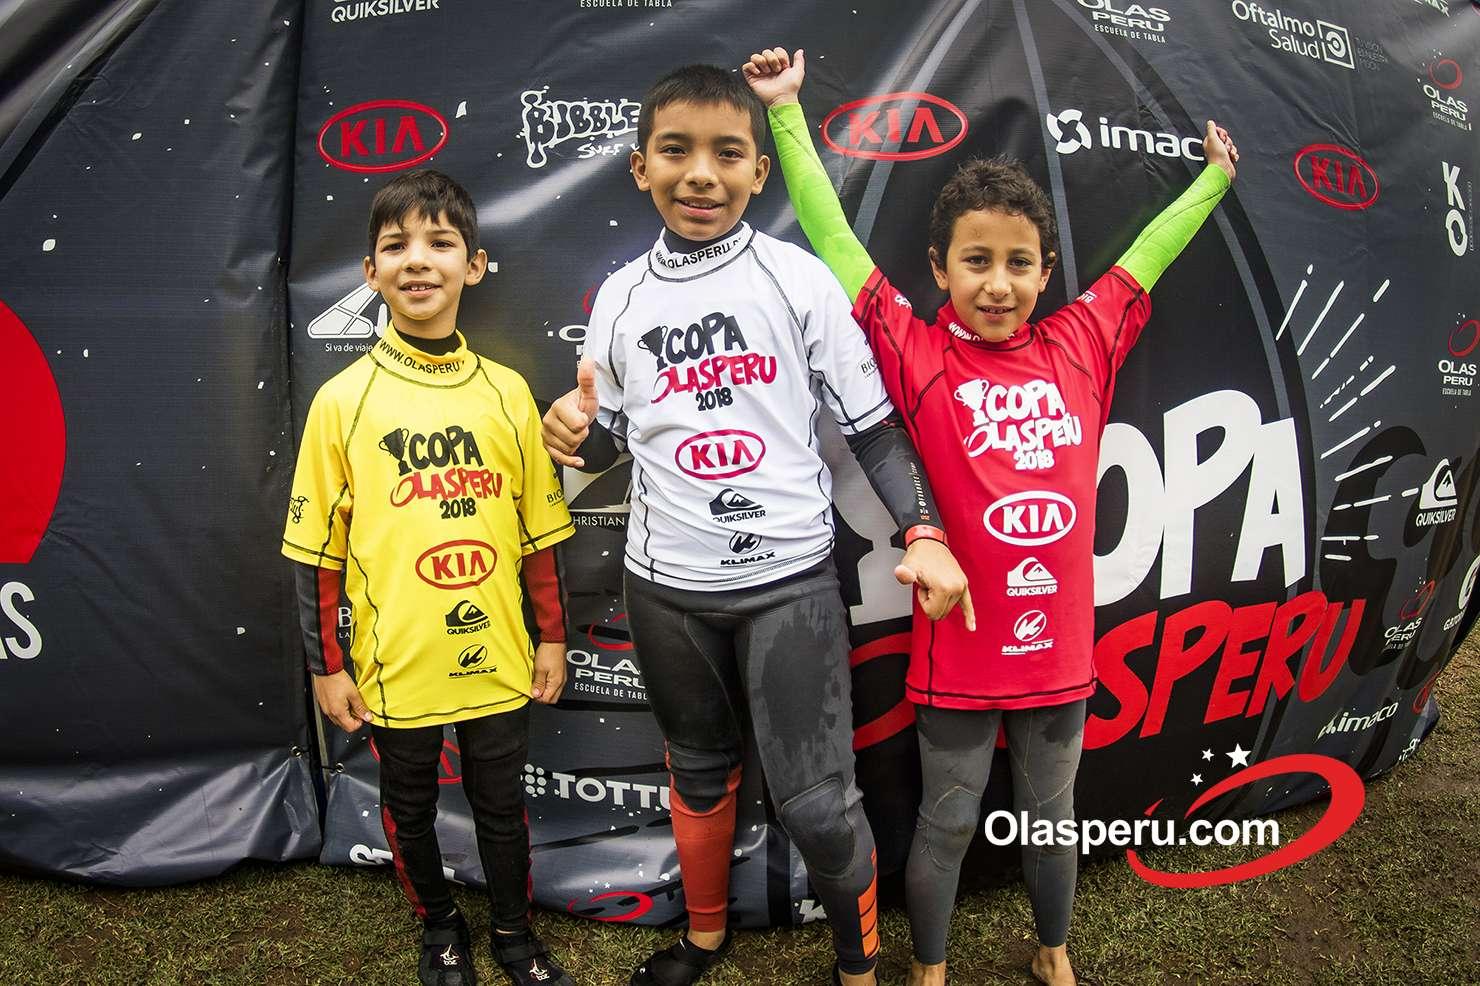 Copa Olas Perú